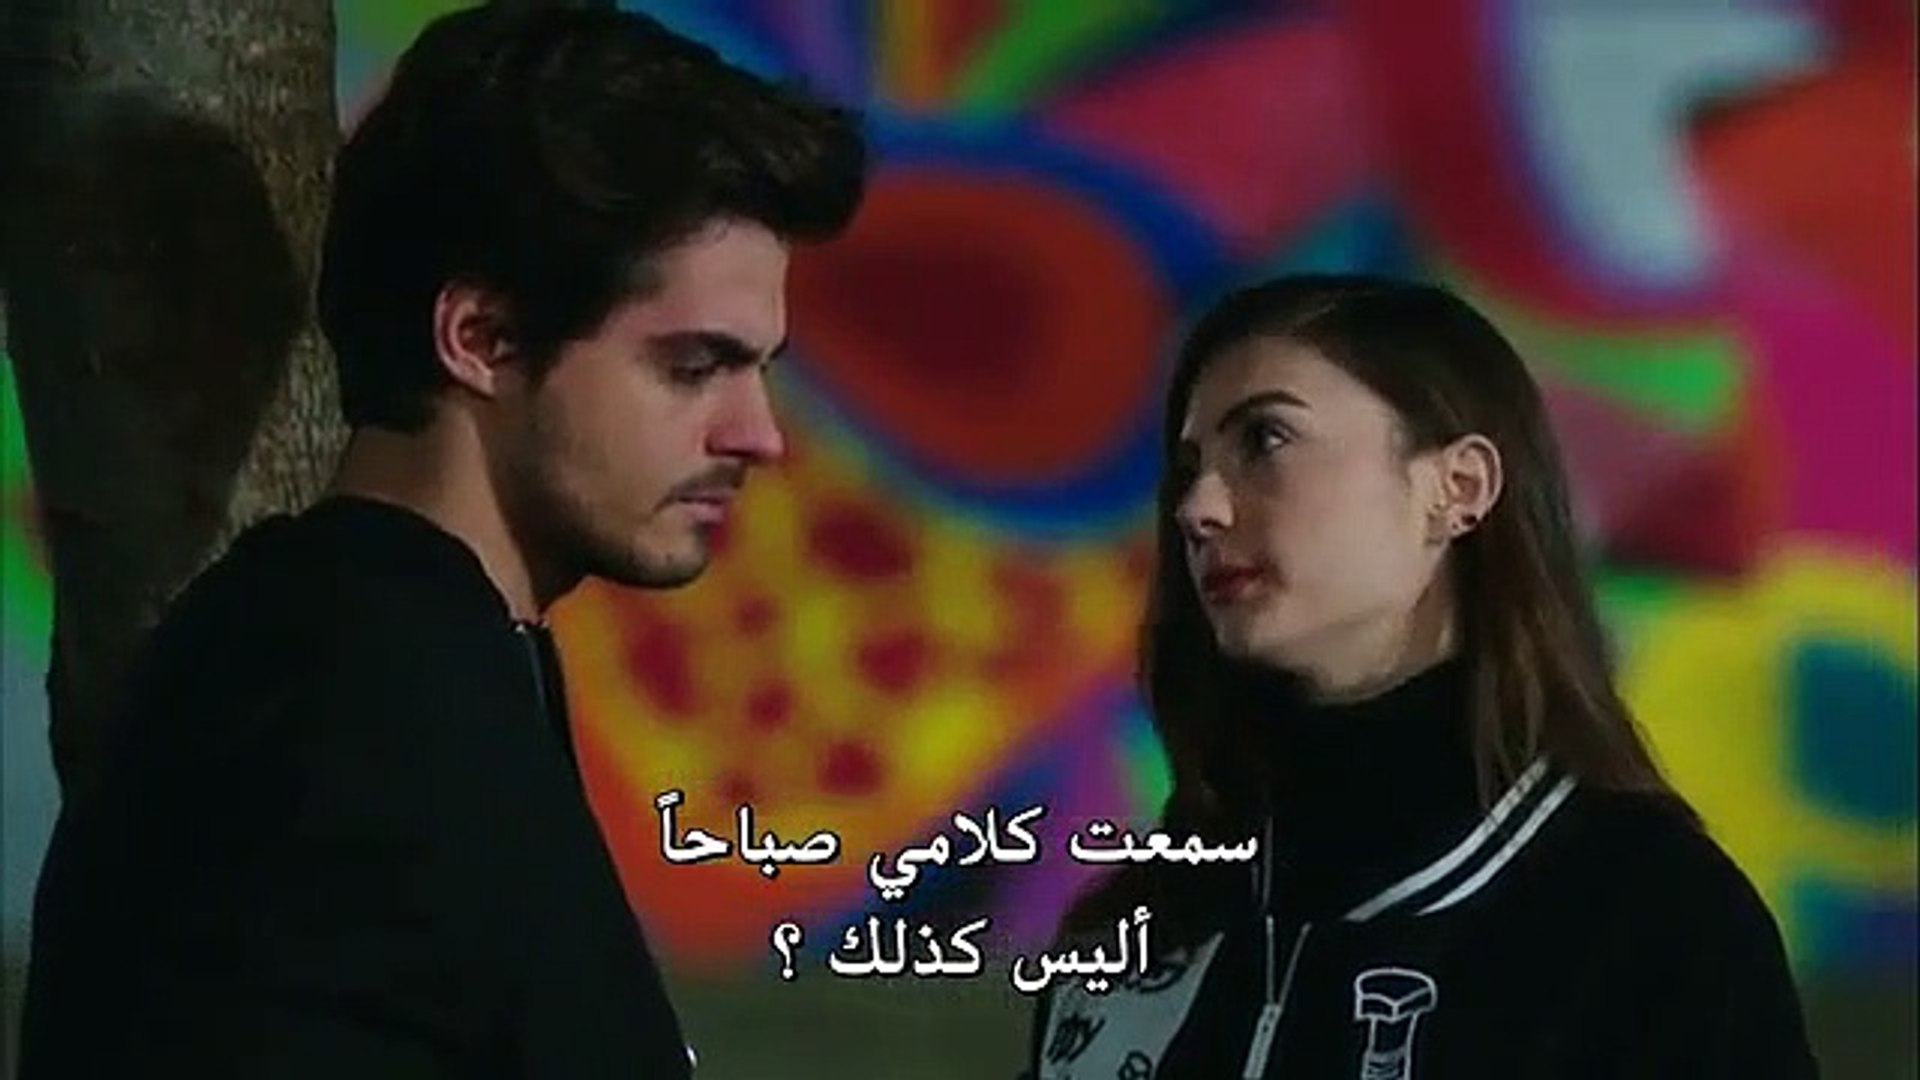 مسلسل دلع بنات الحلقه 23 Hd